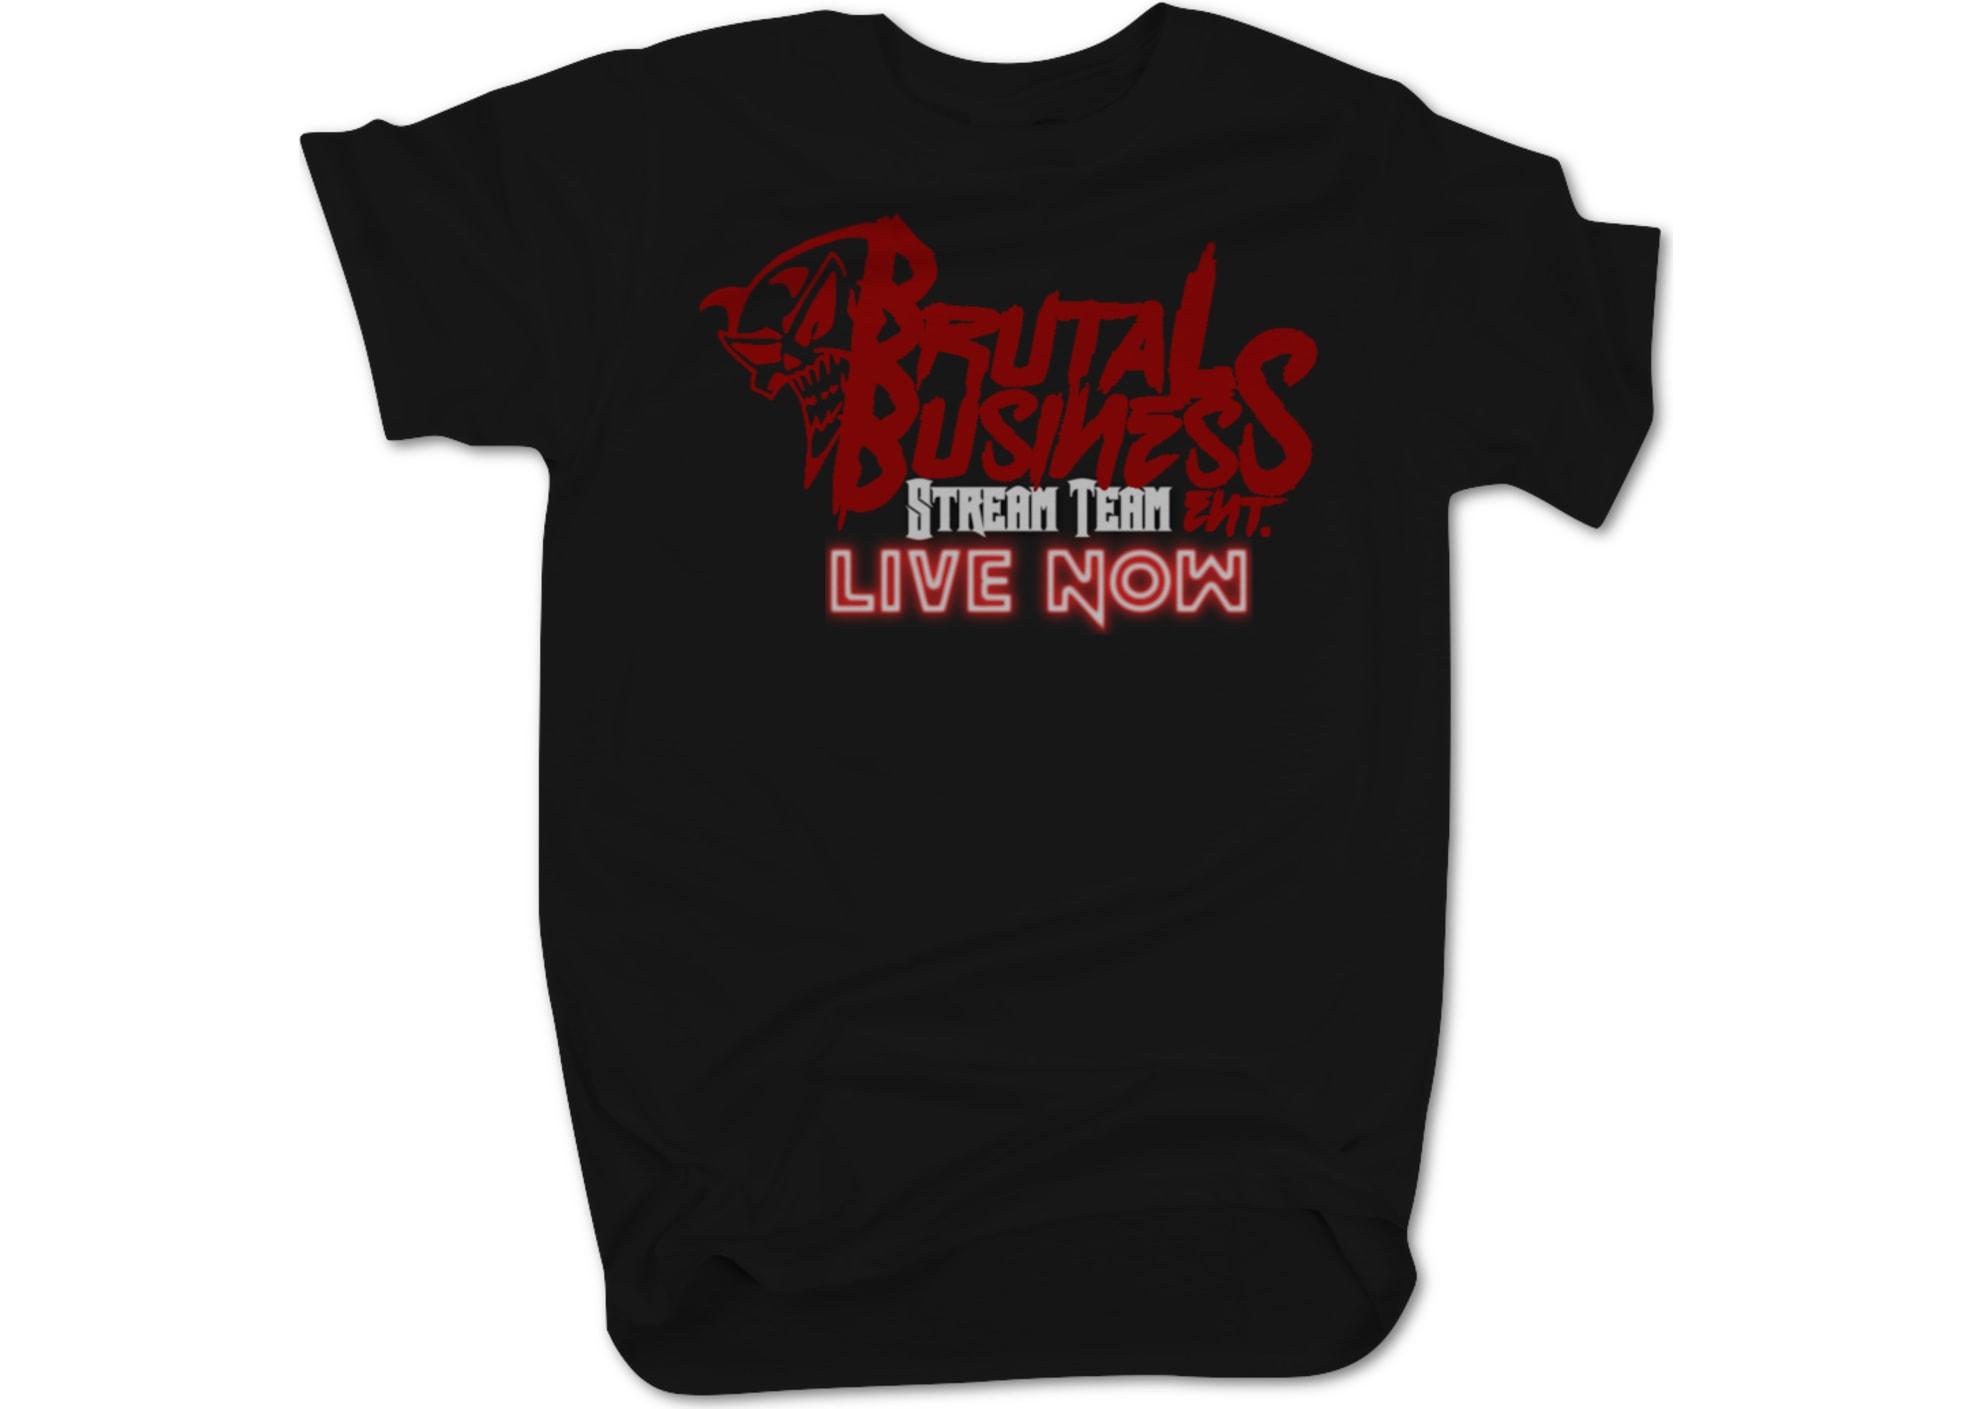 Brutal business ent stream team 1595879407